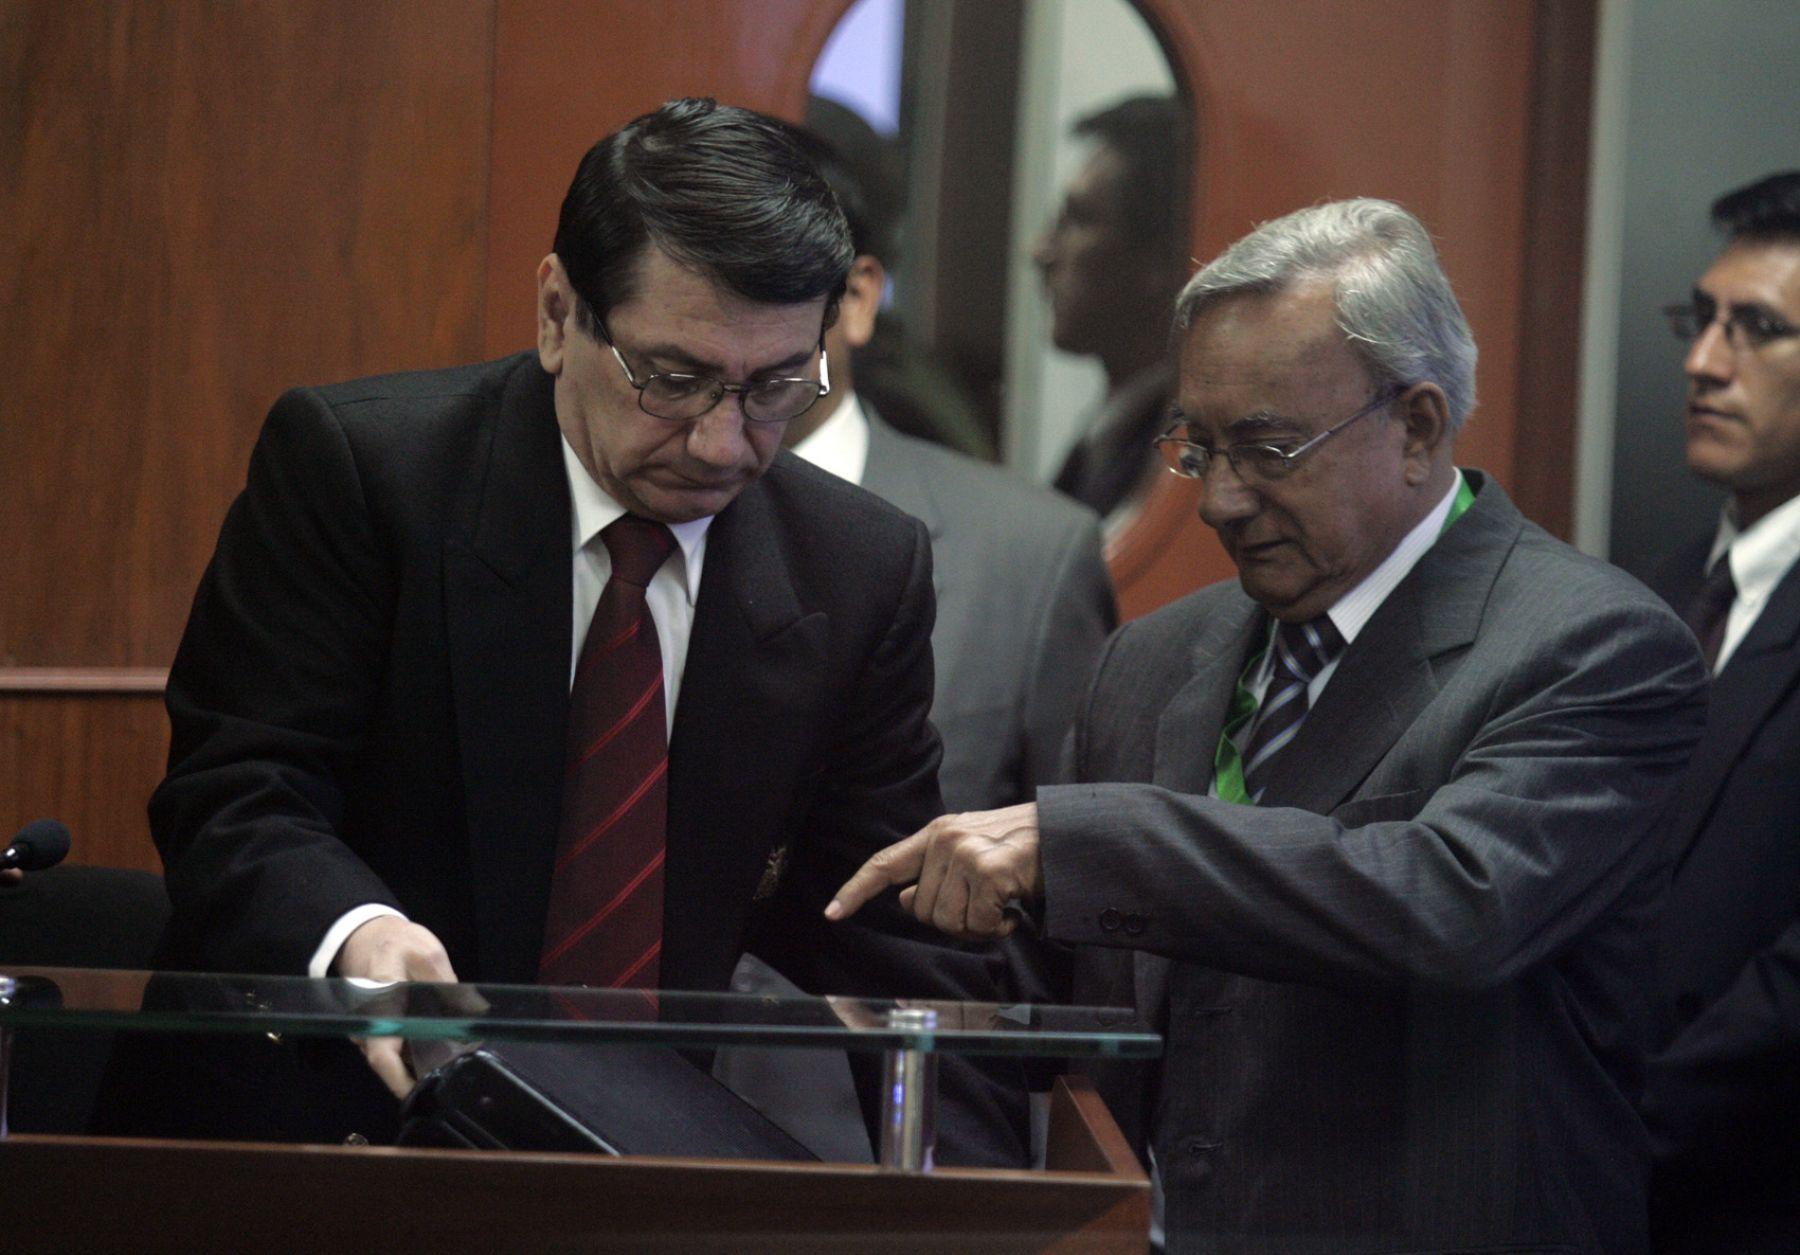 Santiago Martìn Rivas es presentado como testigo en juicio que se le sigue al ex presidente Alberto Fujimori. Foto:ANDINA/Juan Carlos Guzmàn Negrini.